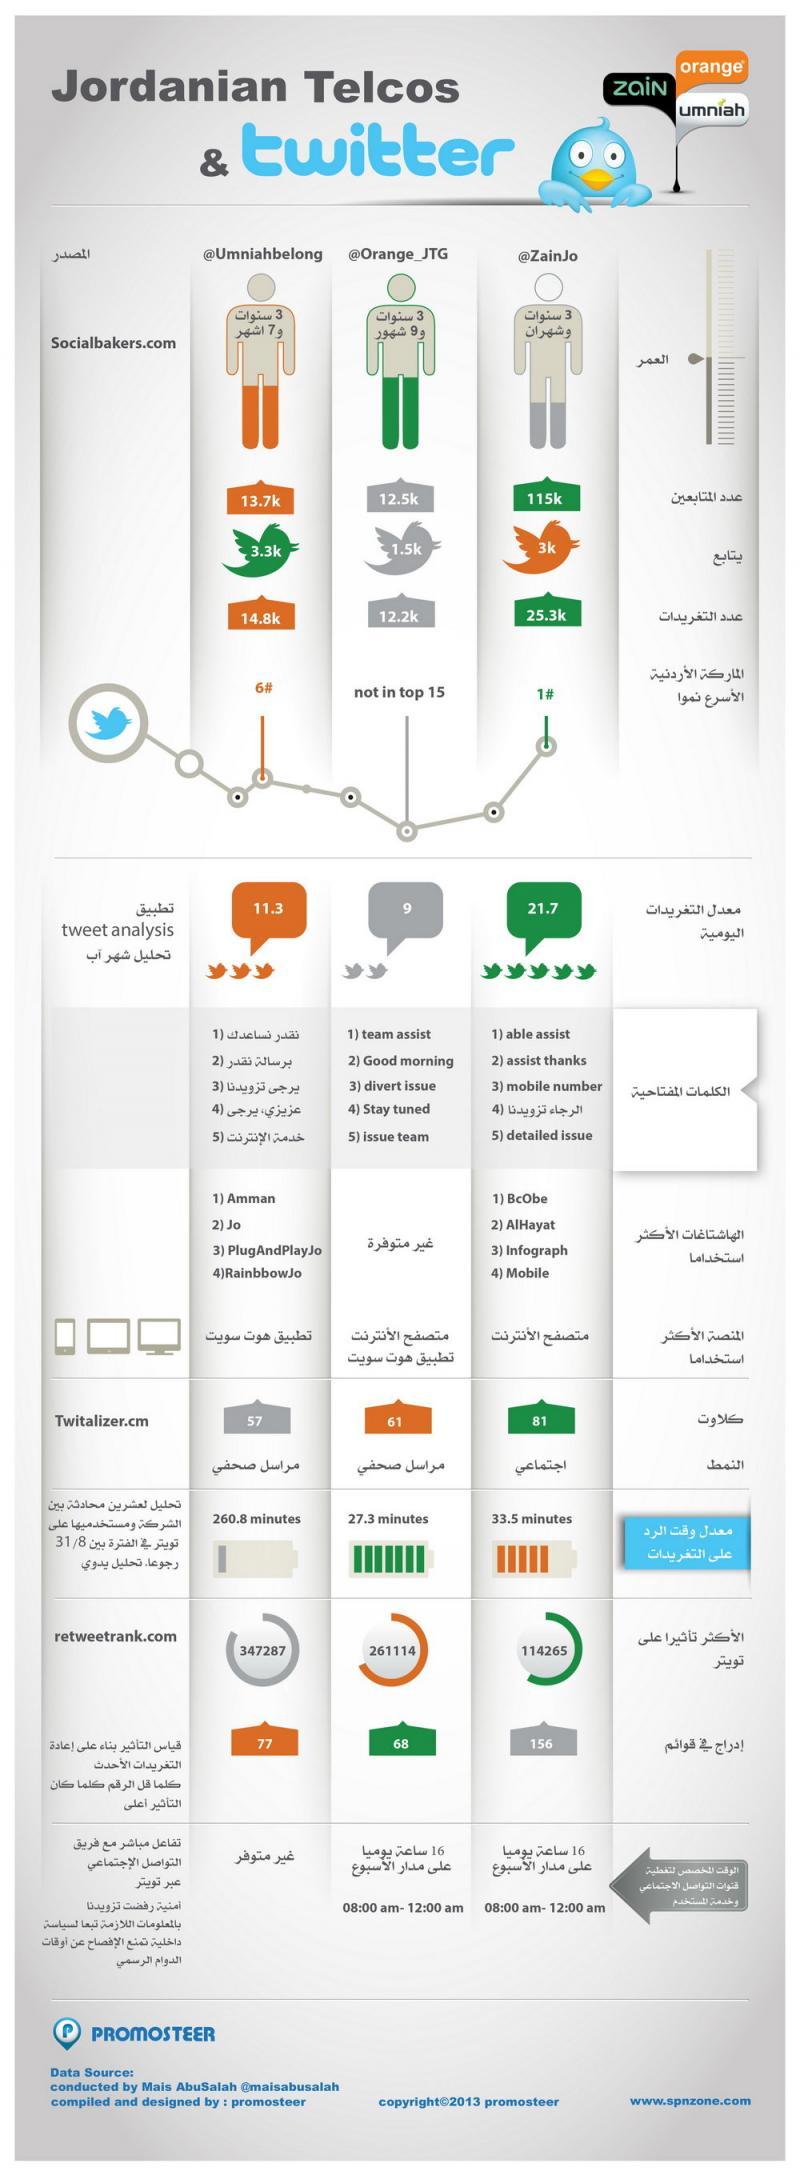 شركات الاتصالات الأردنية على تويتر - انفوجرافيك